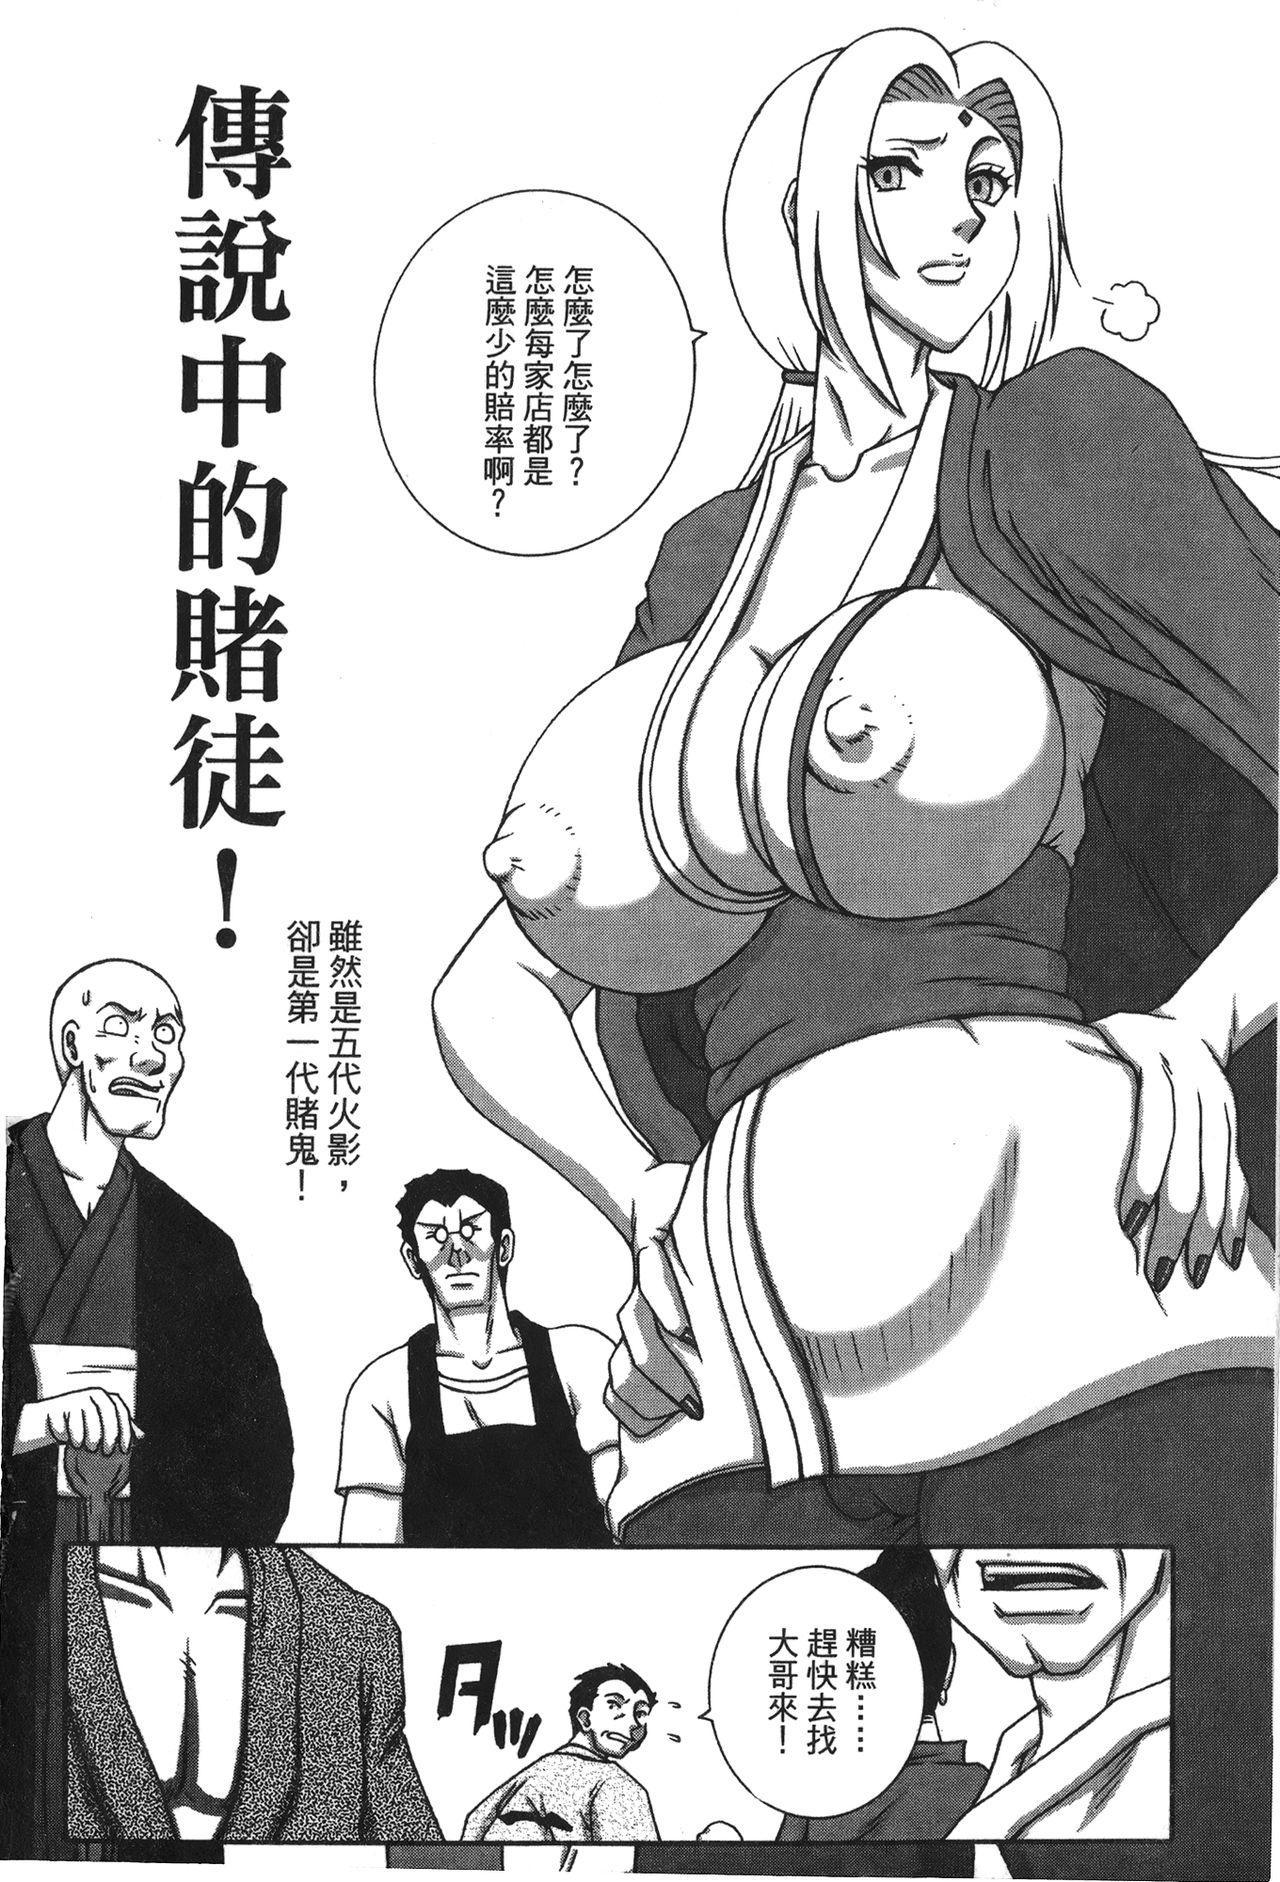 naruto ninja biography vol.02 2